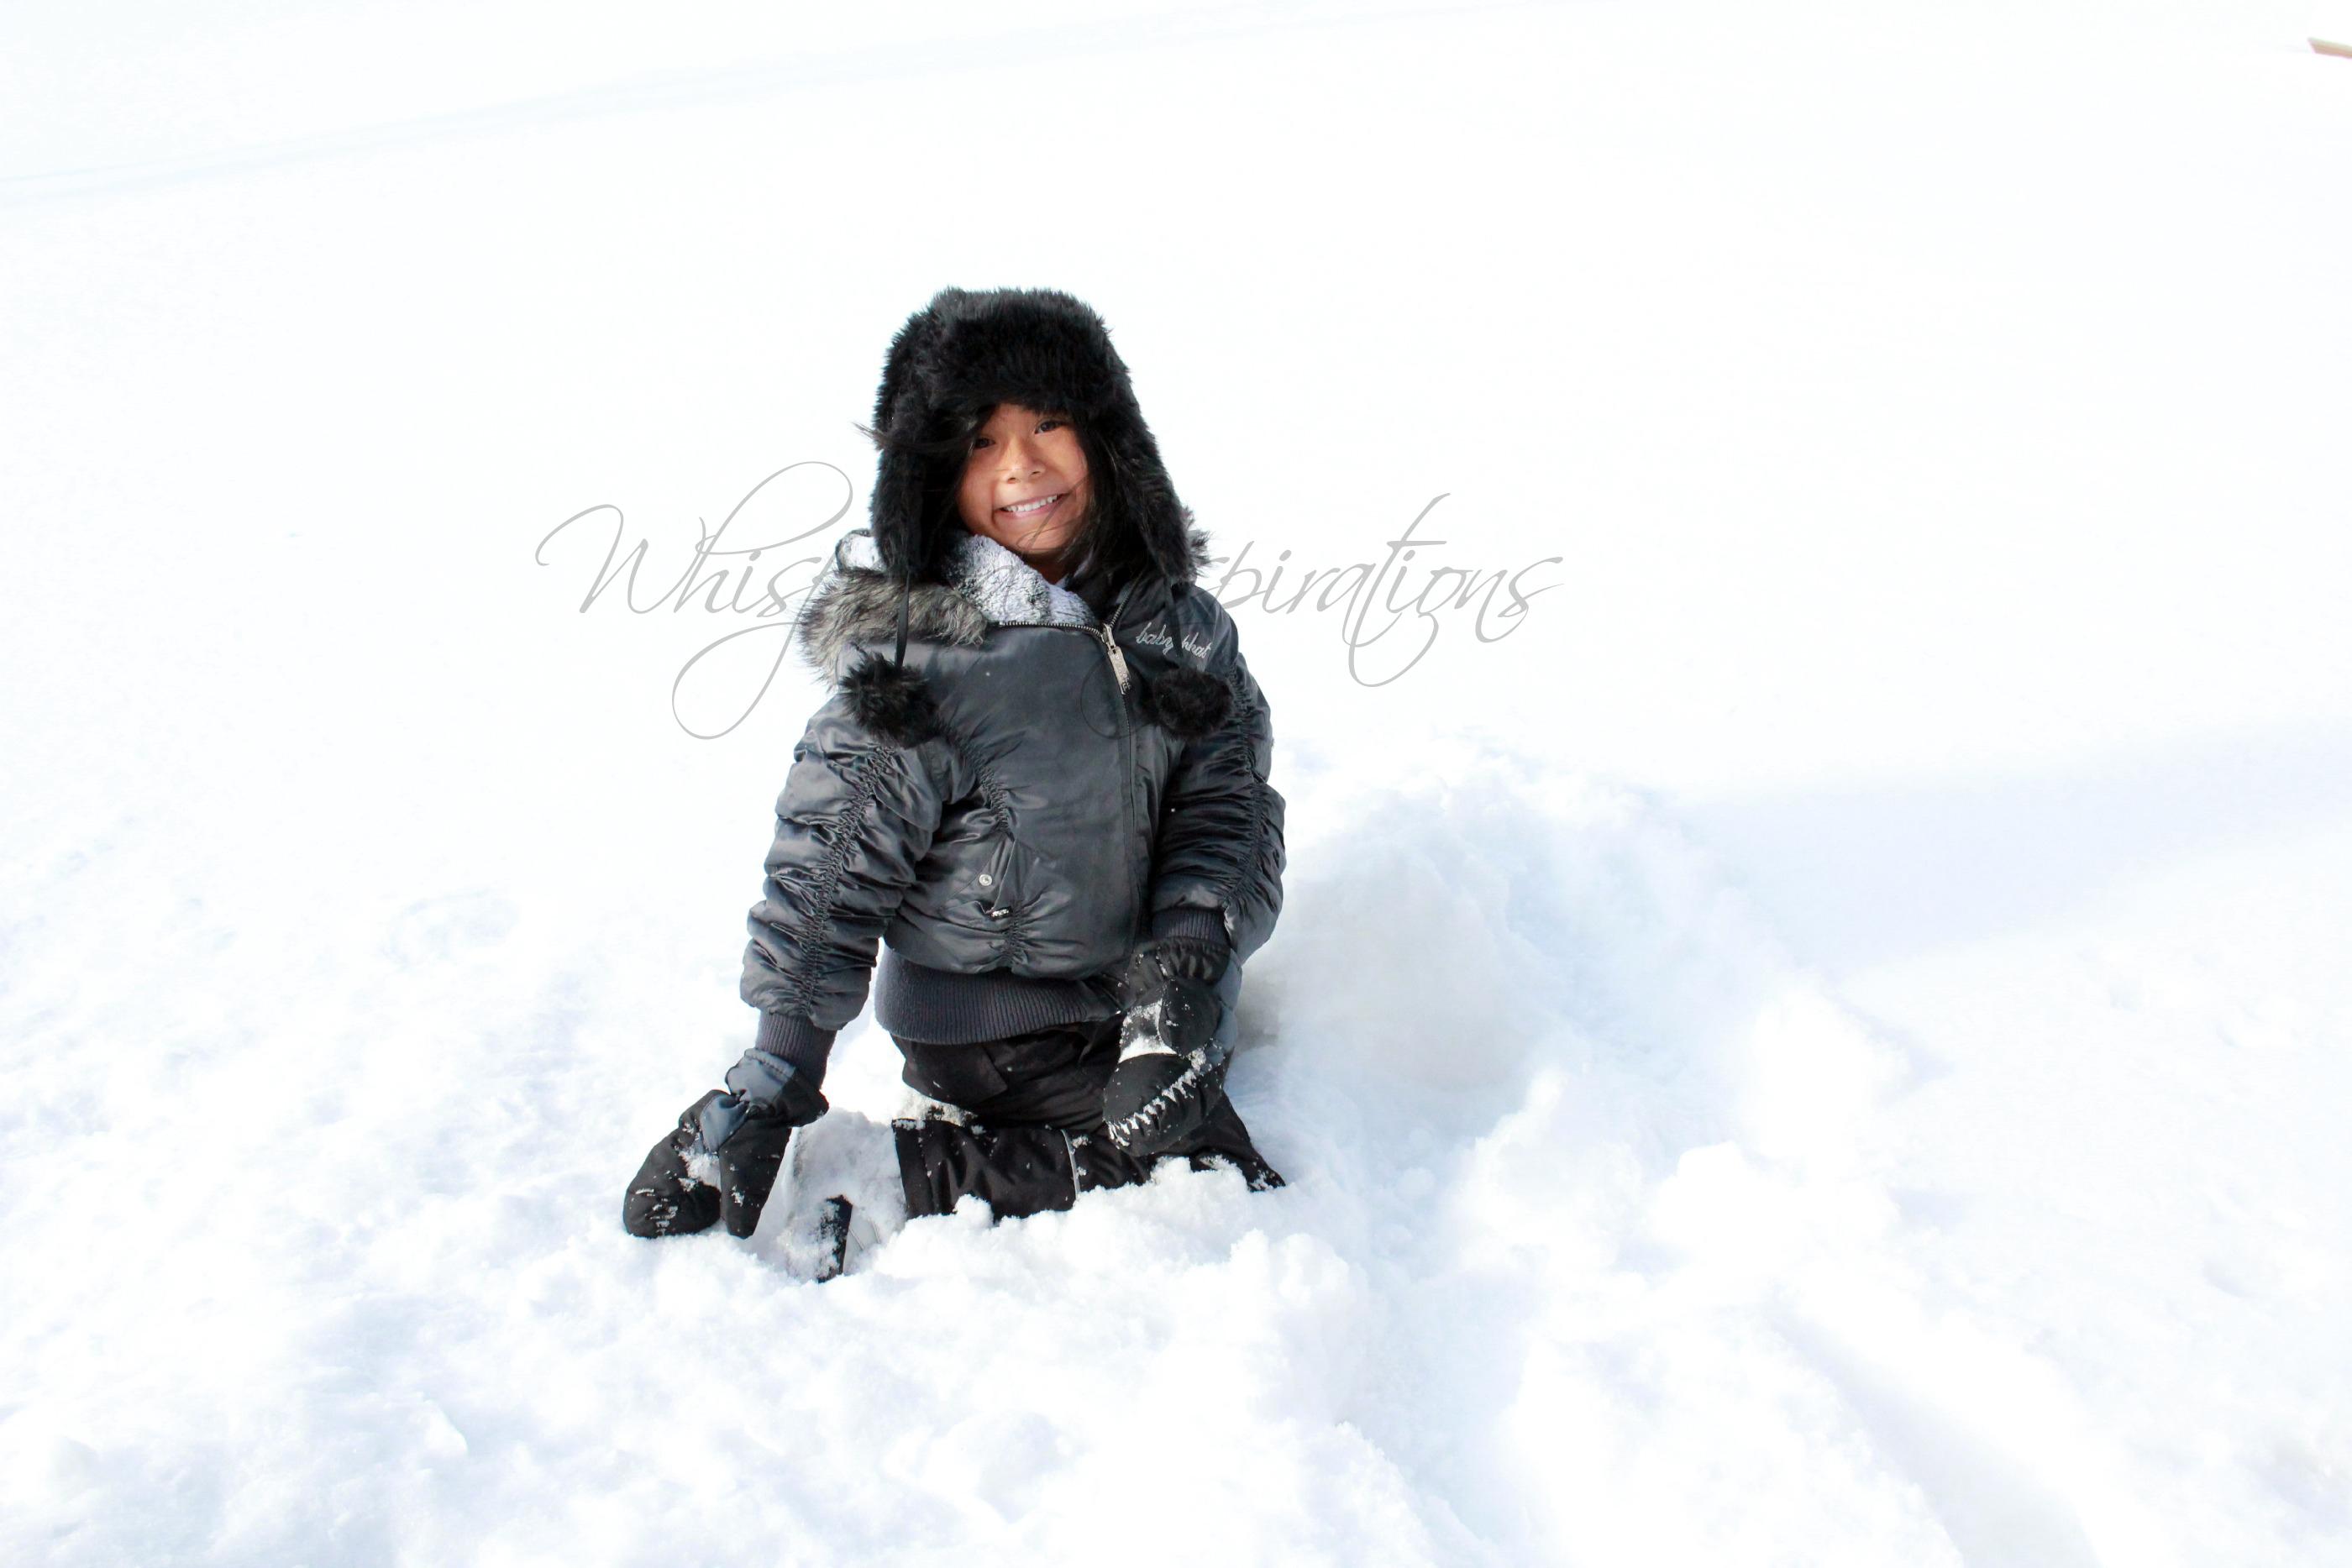 Snow Day-Wordful Wednesday